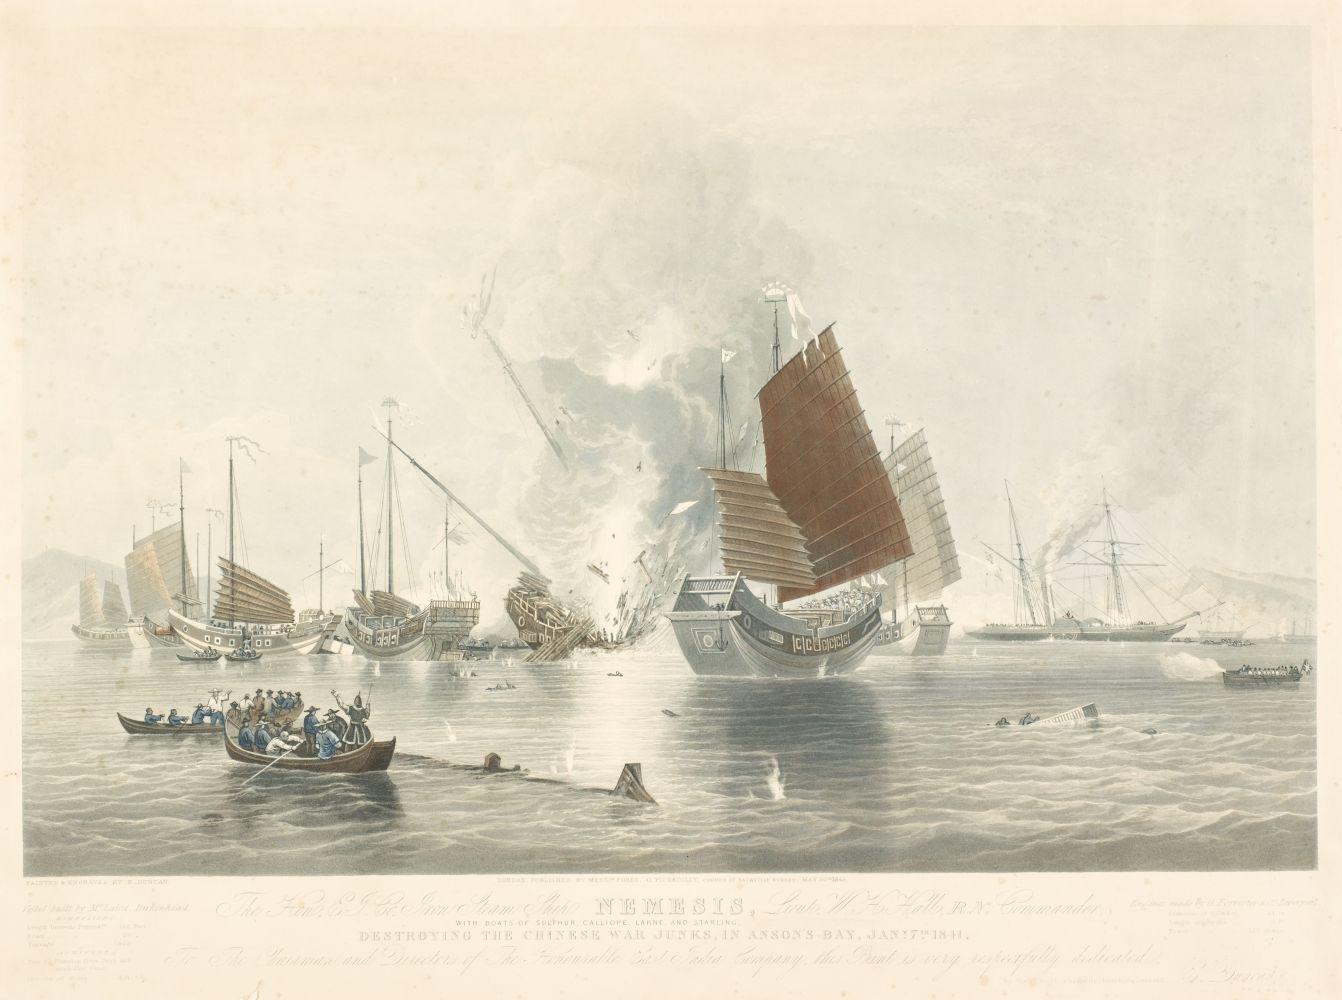 * Duncan (E.). The Hon. E. T. Co. Iron Steam Ship Nemesis..., 1843